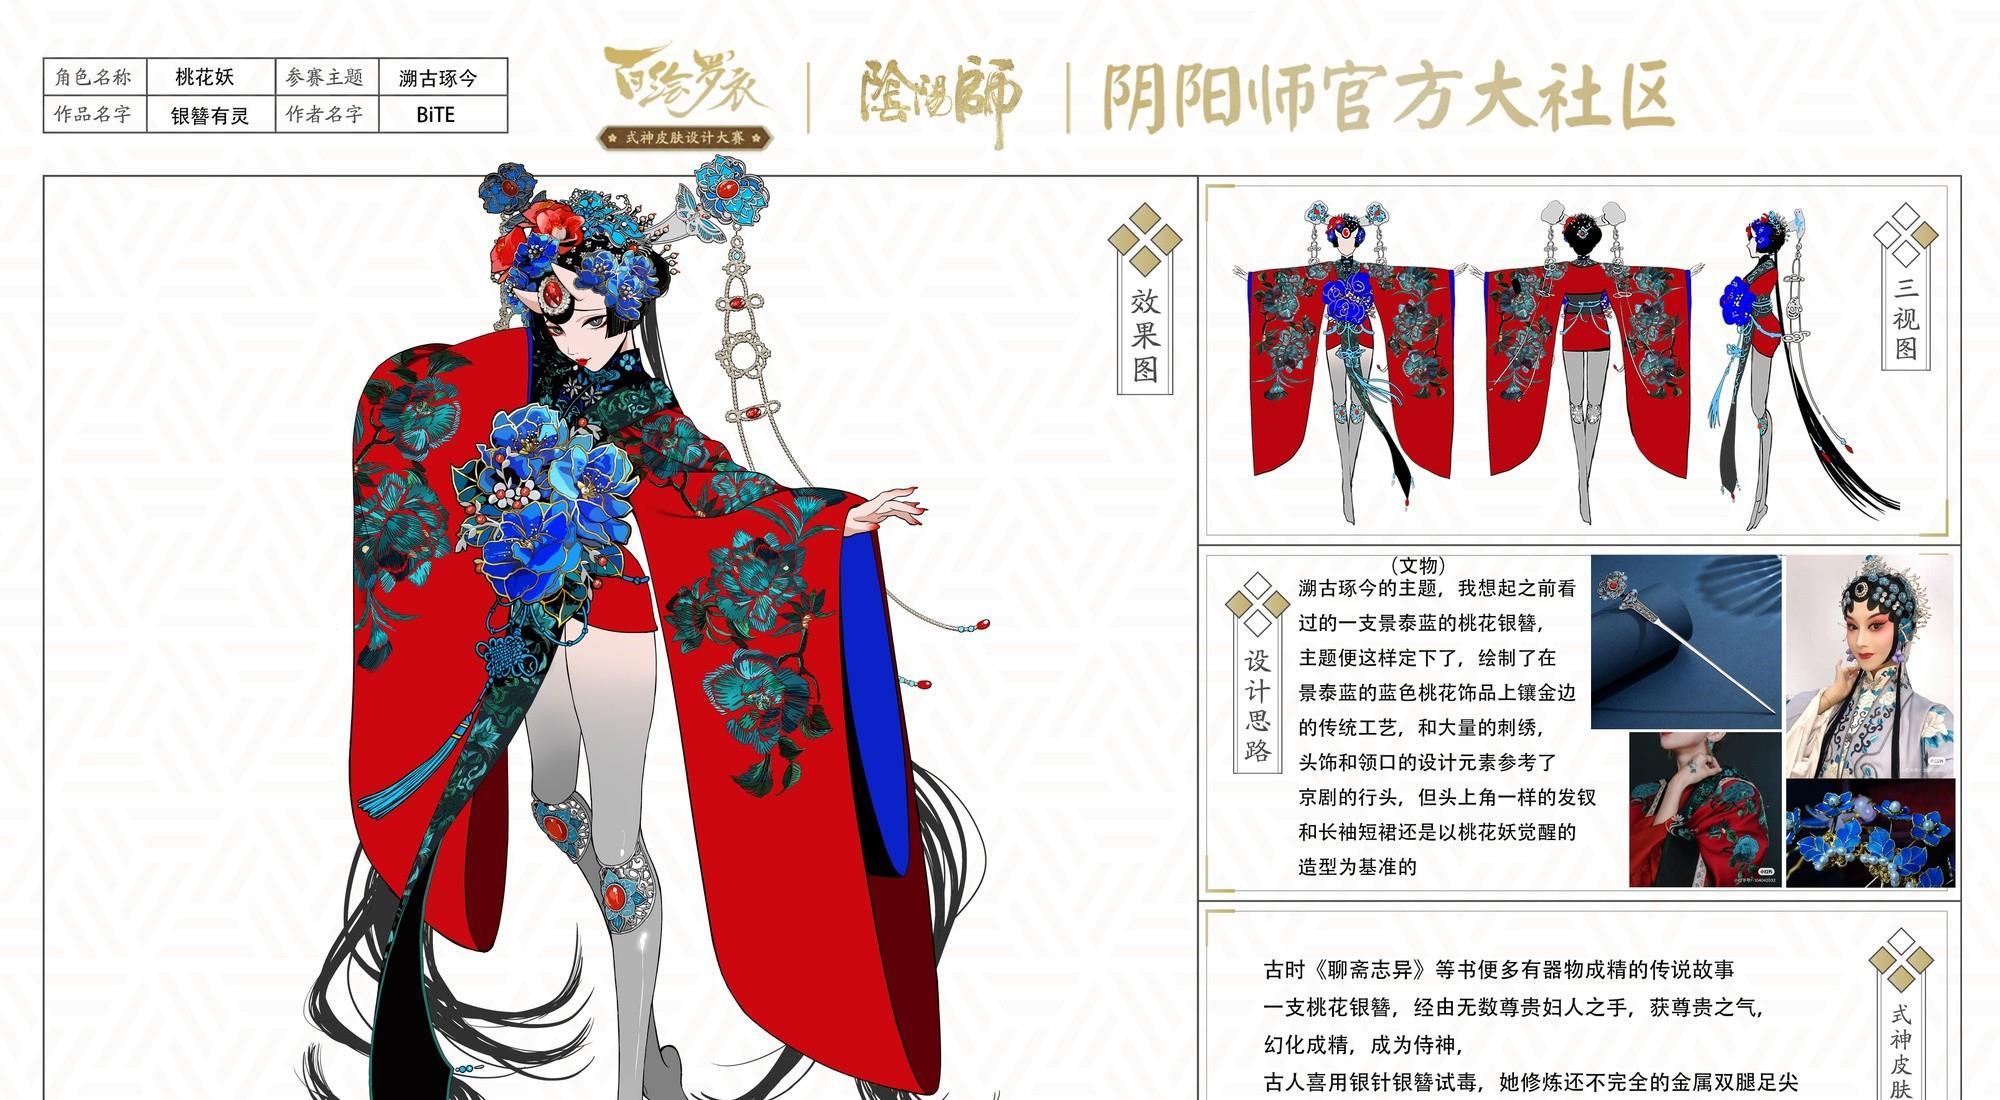 《【煜星在线注册】阴阳师:百绘罗衣30个优秀作品入围,却总有你看不懂的艺术》